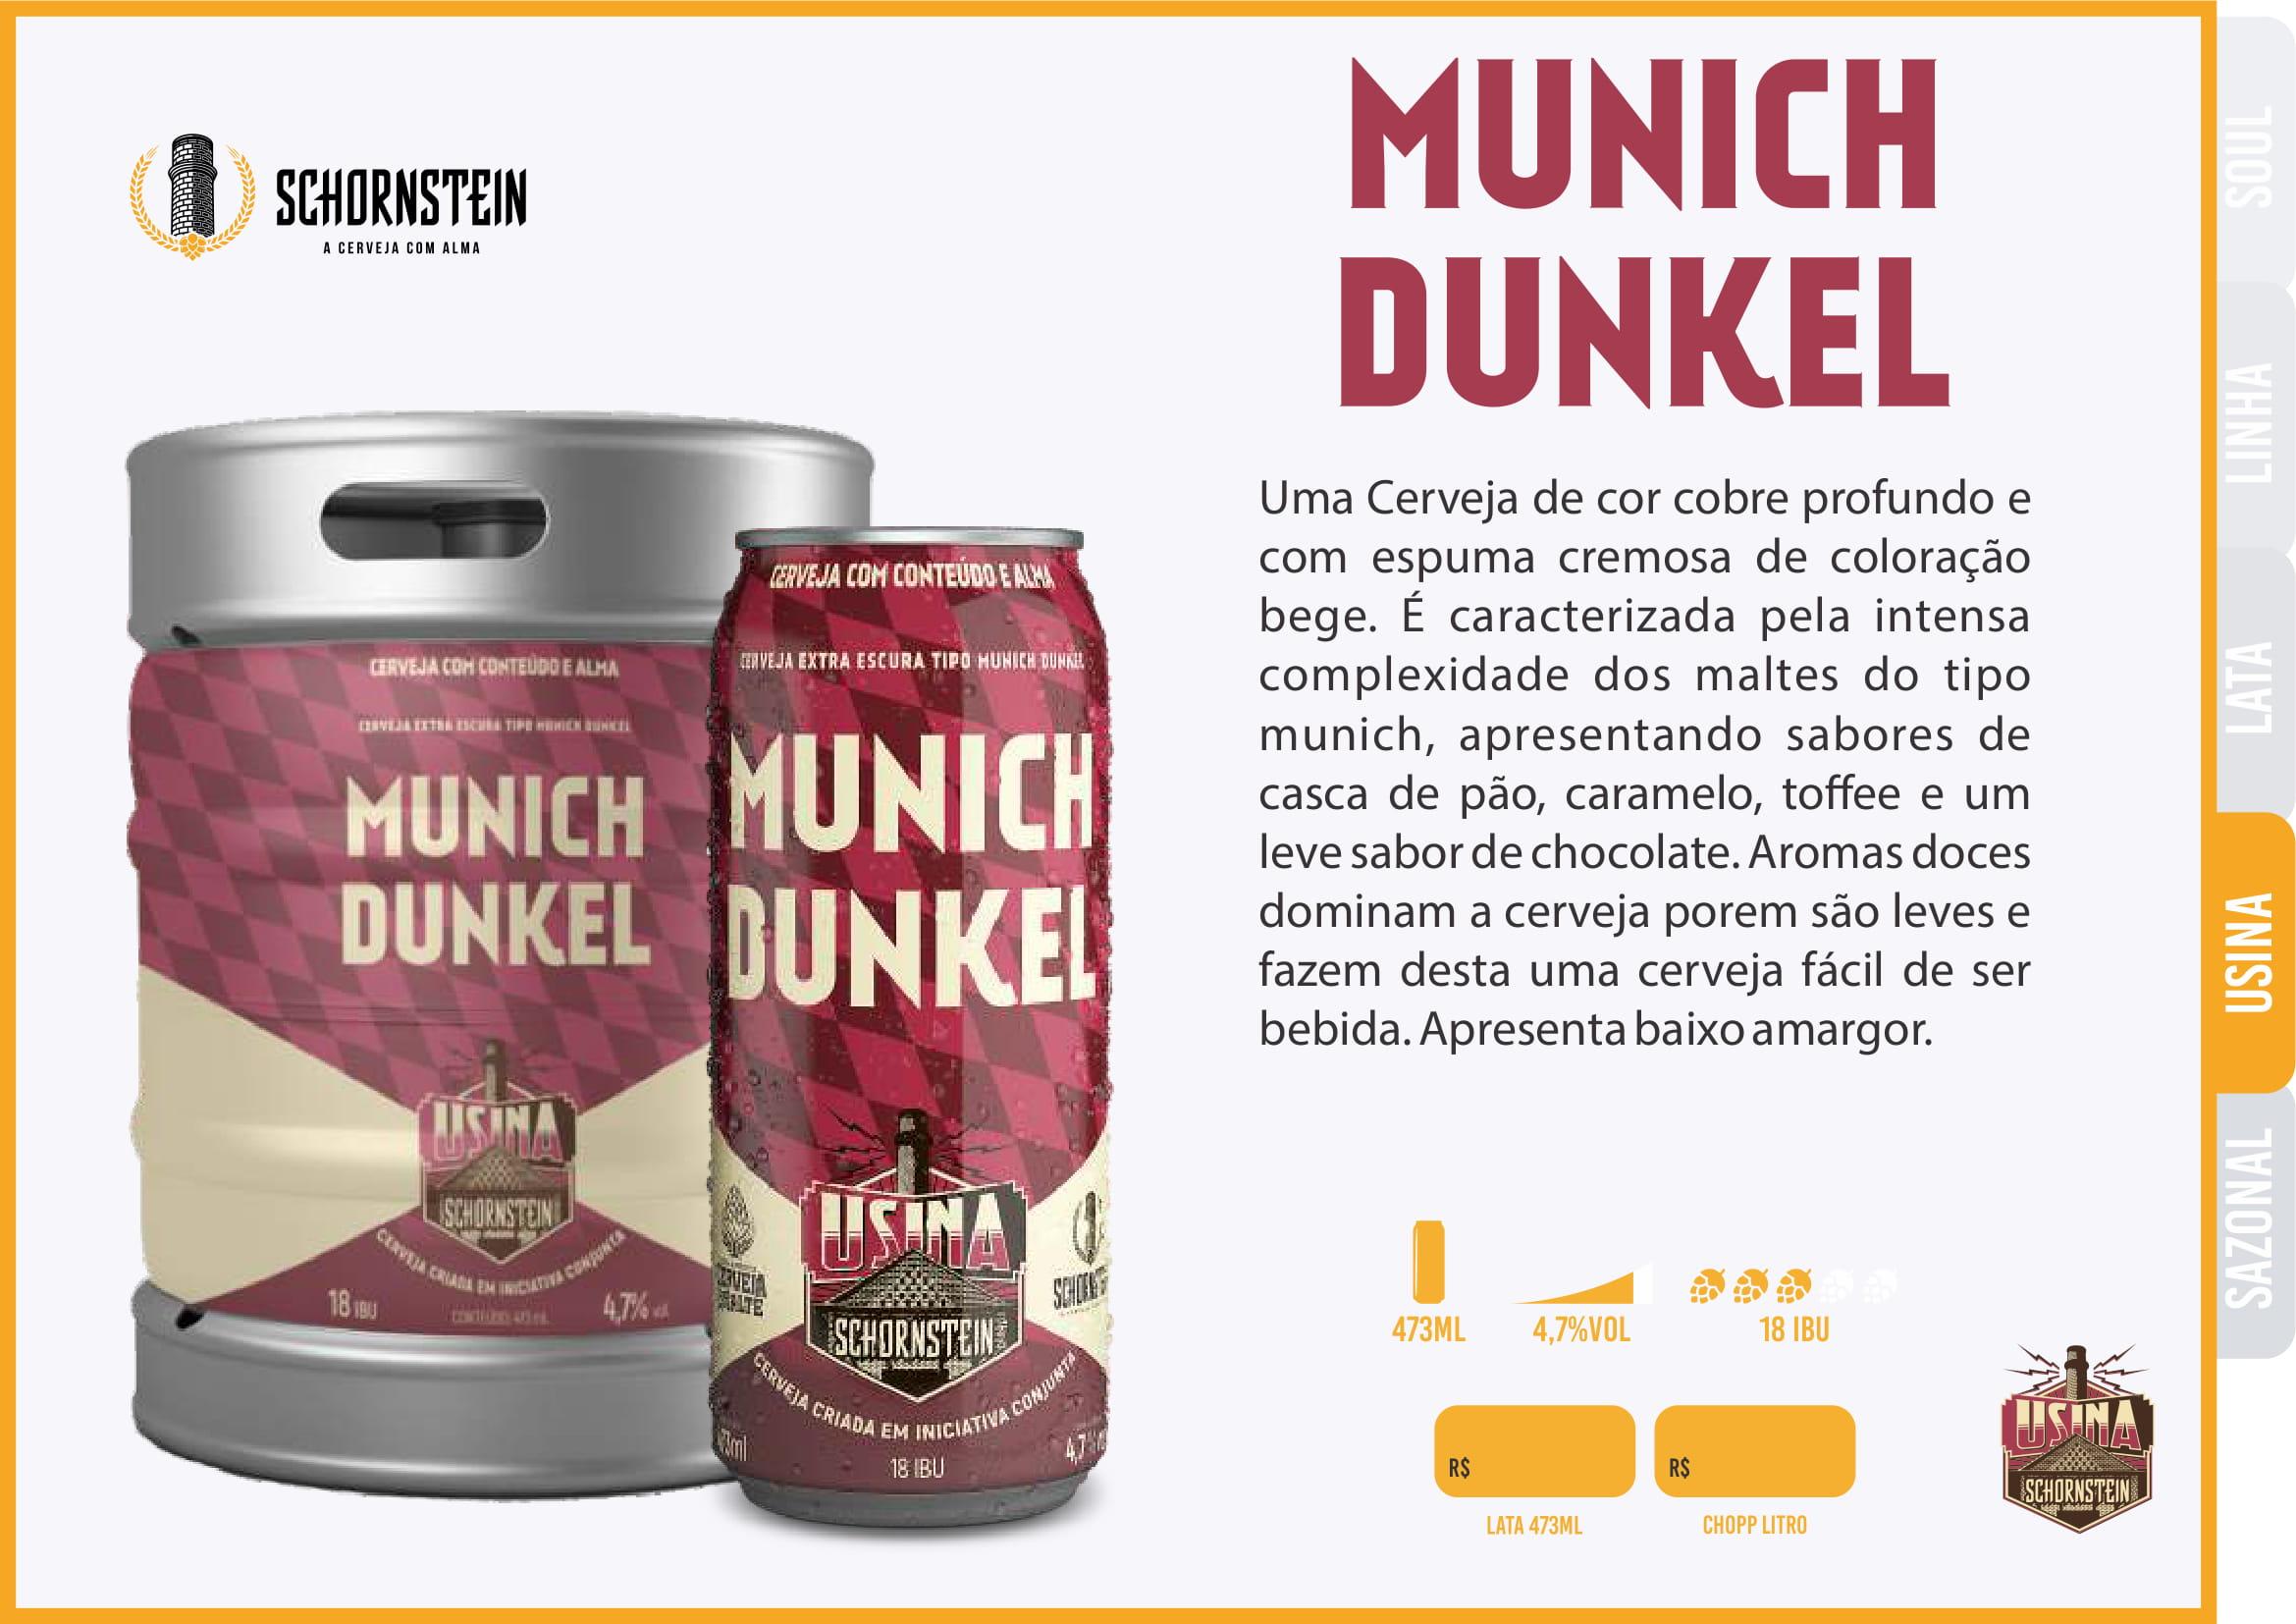 Schornstein Munich Dunkel